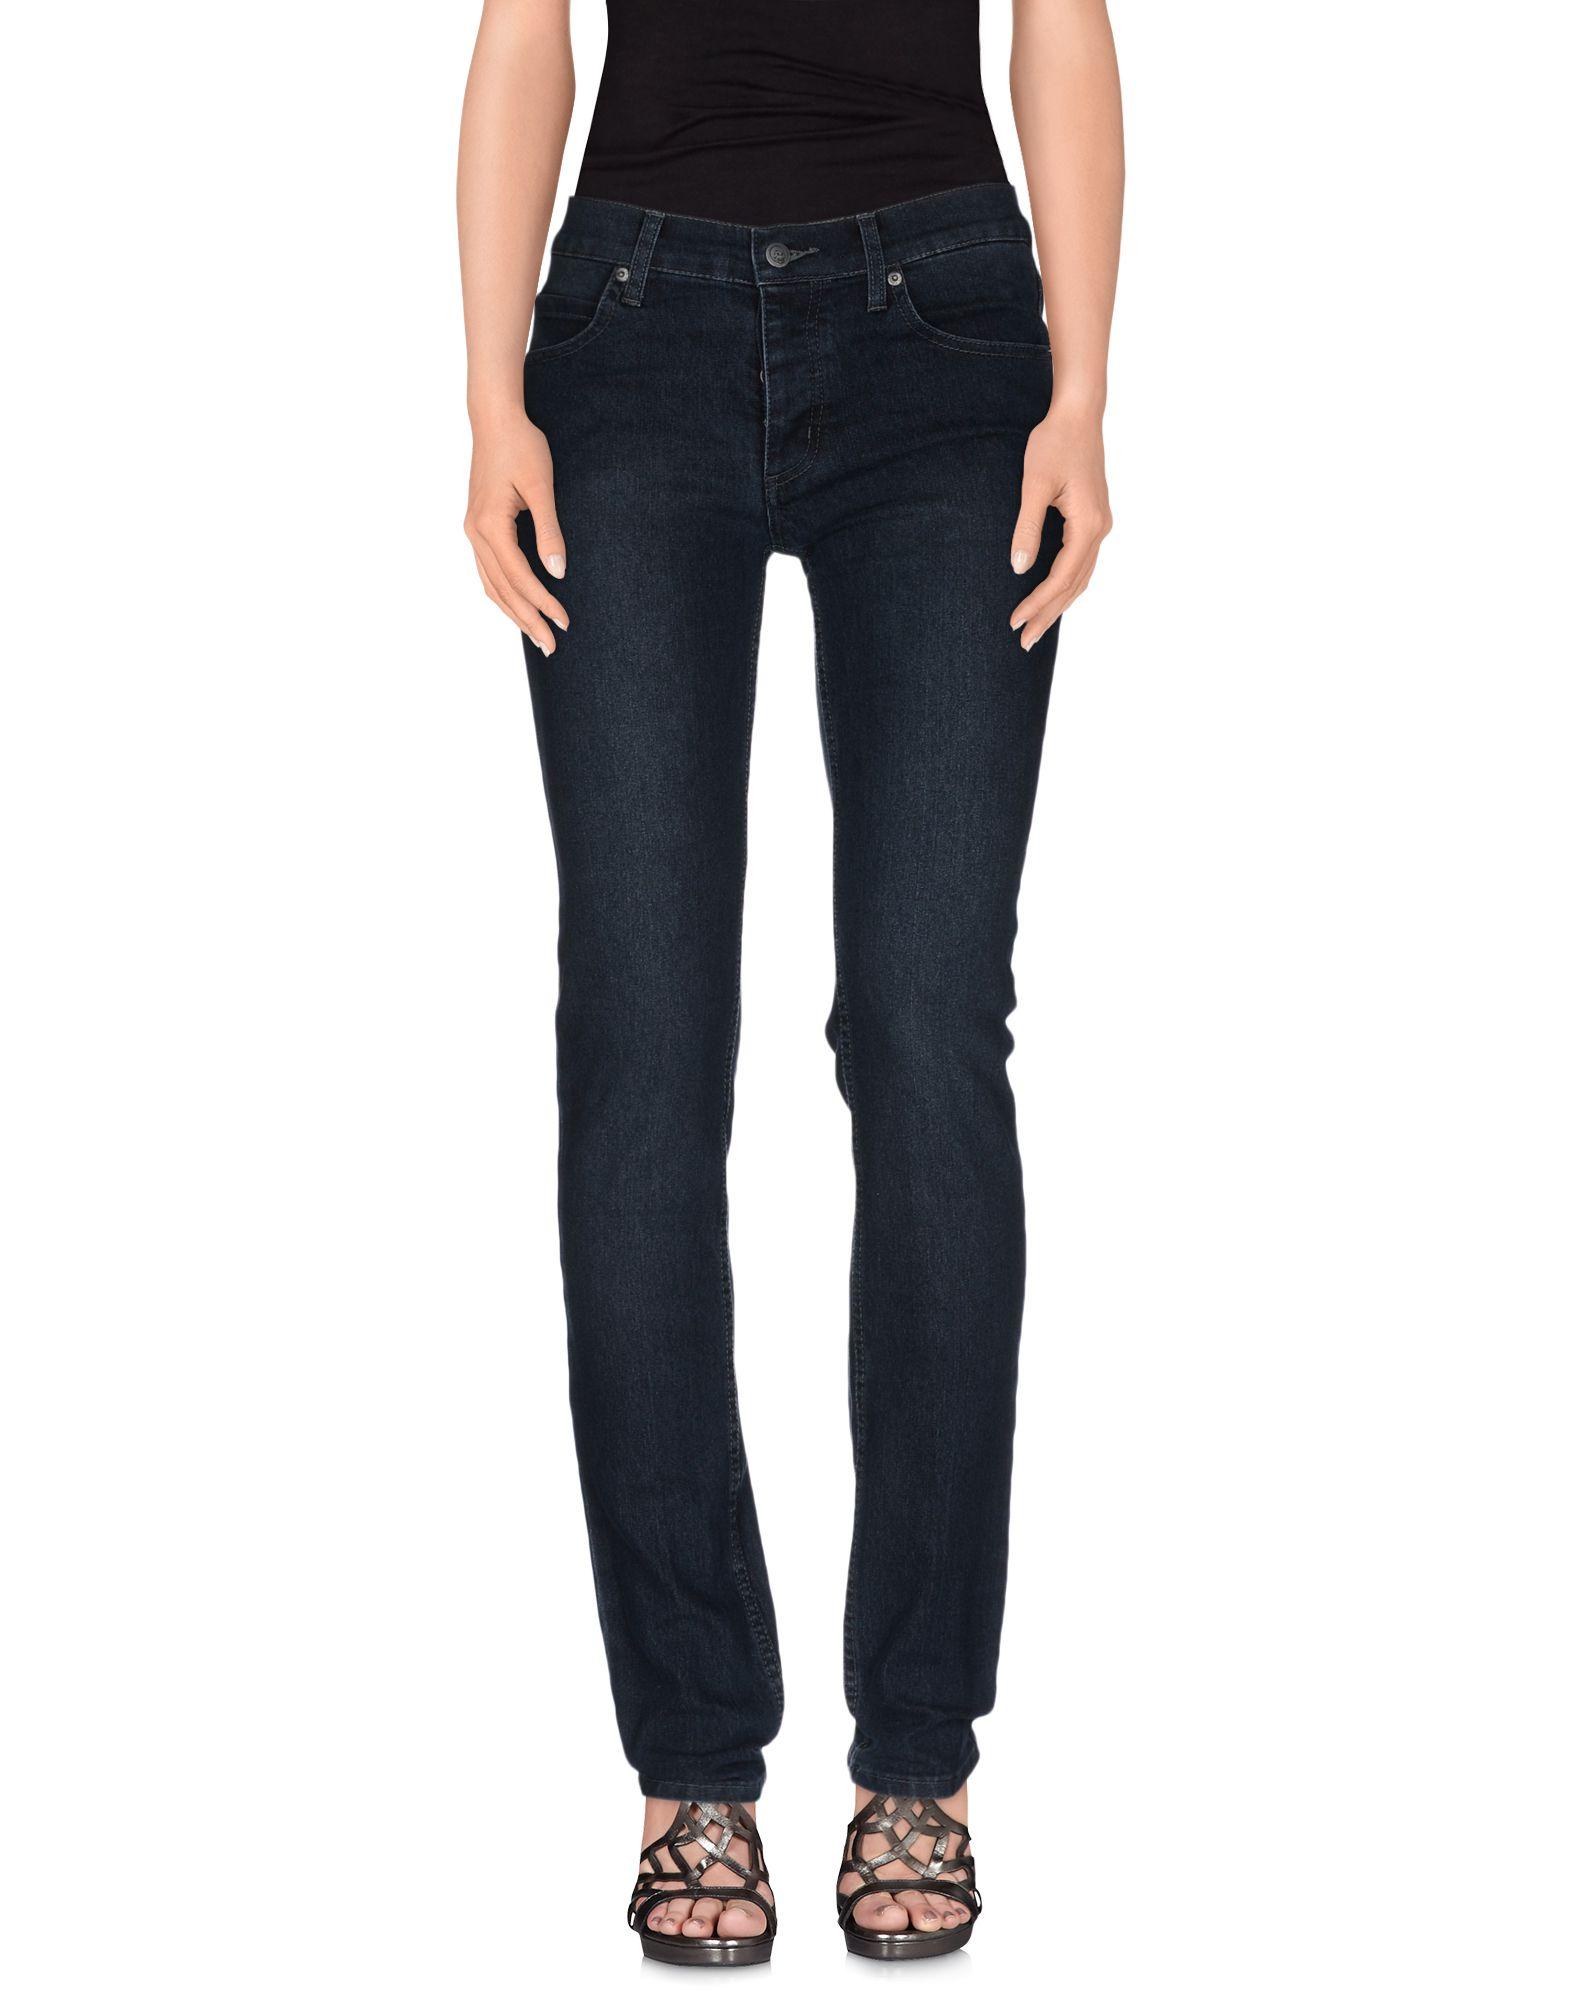 CHEAP MONDAY Джинсовые брюки carver pioneer camp джинсовые брюки мужские обычные джинсовые брюки темно синий 33 611 021